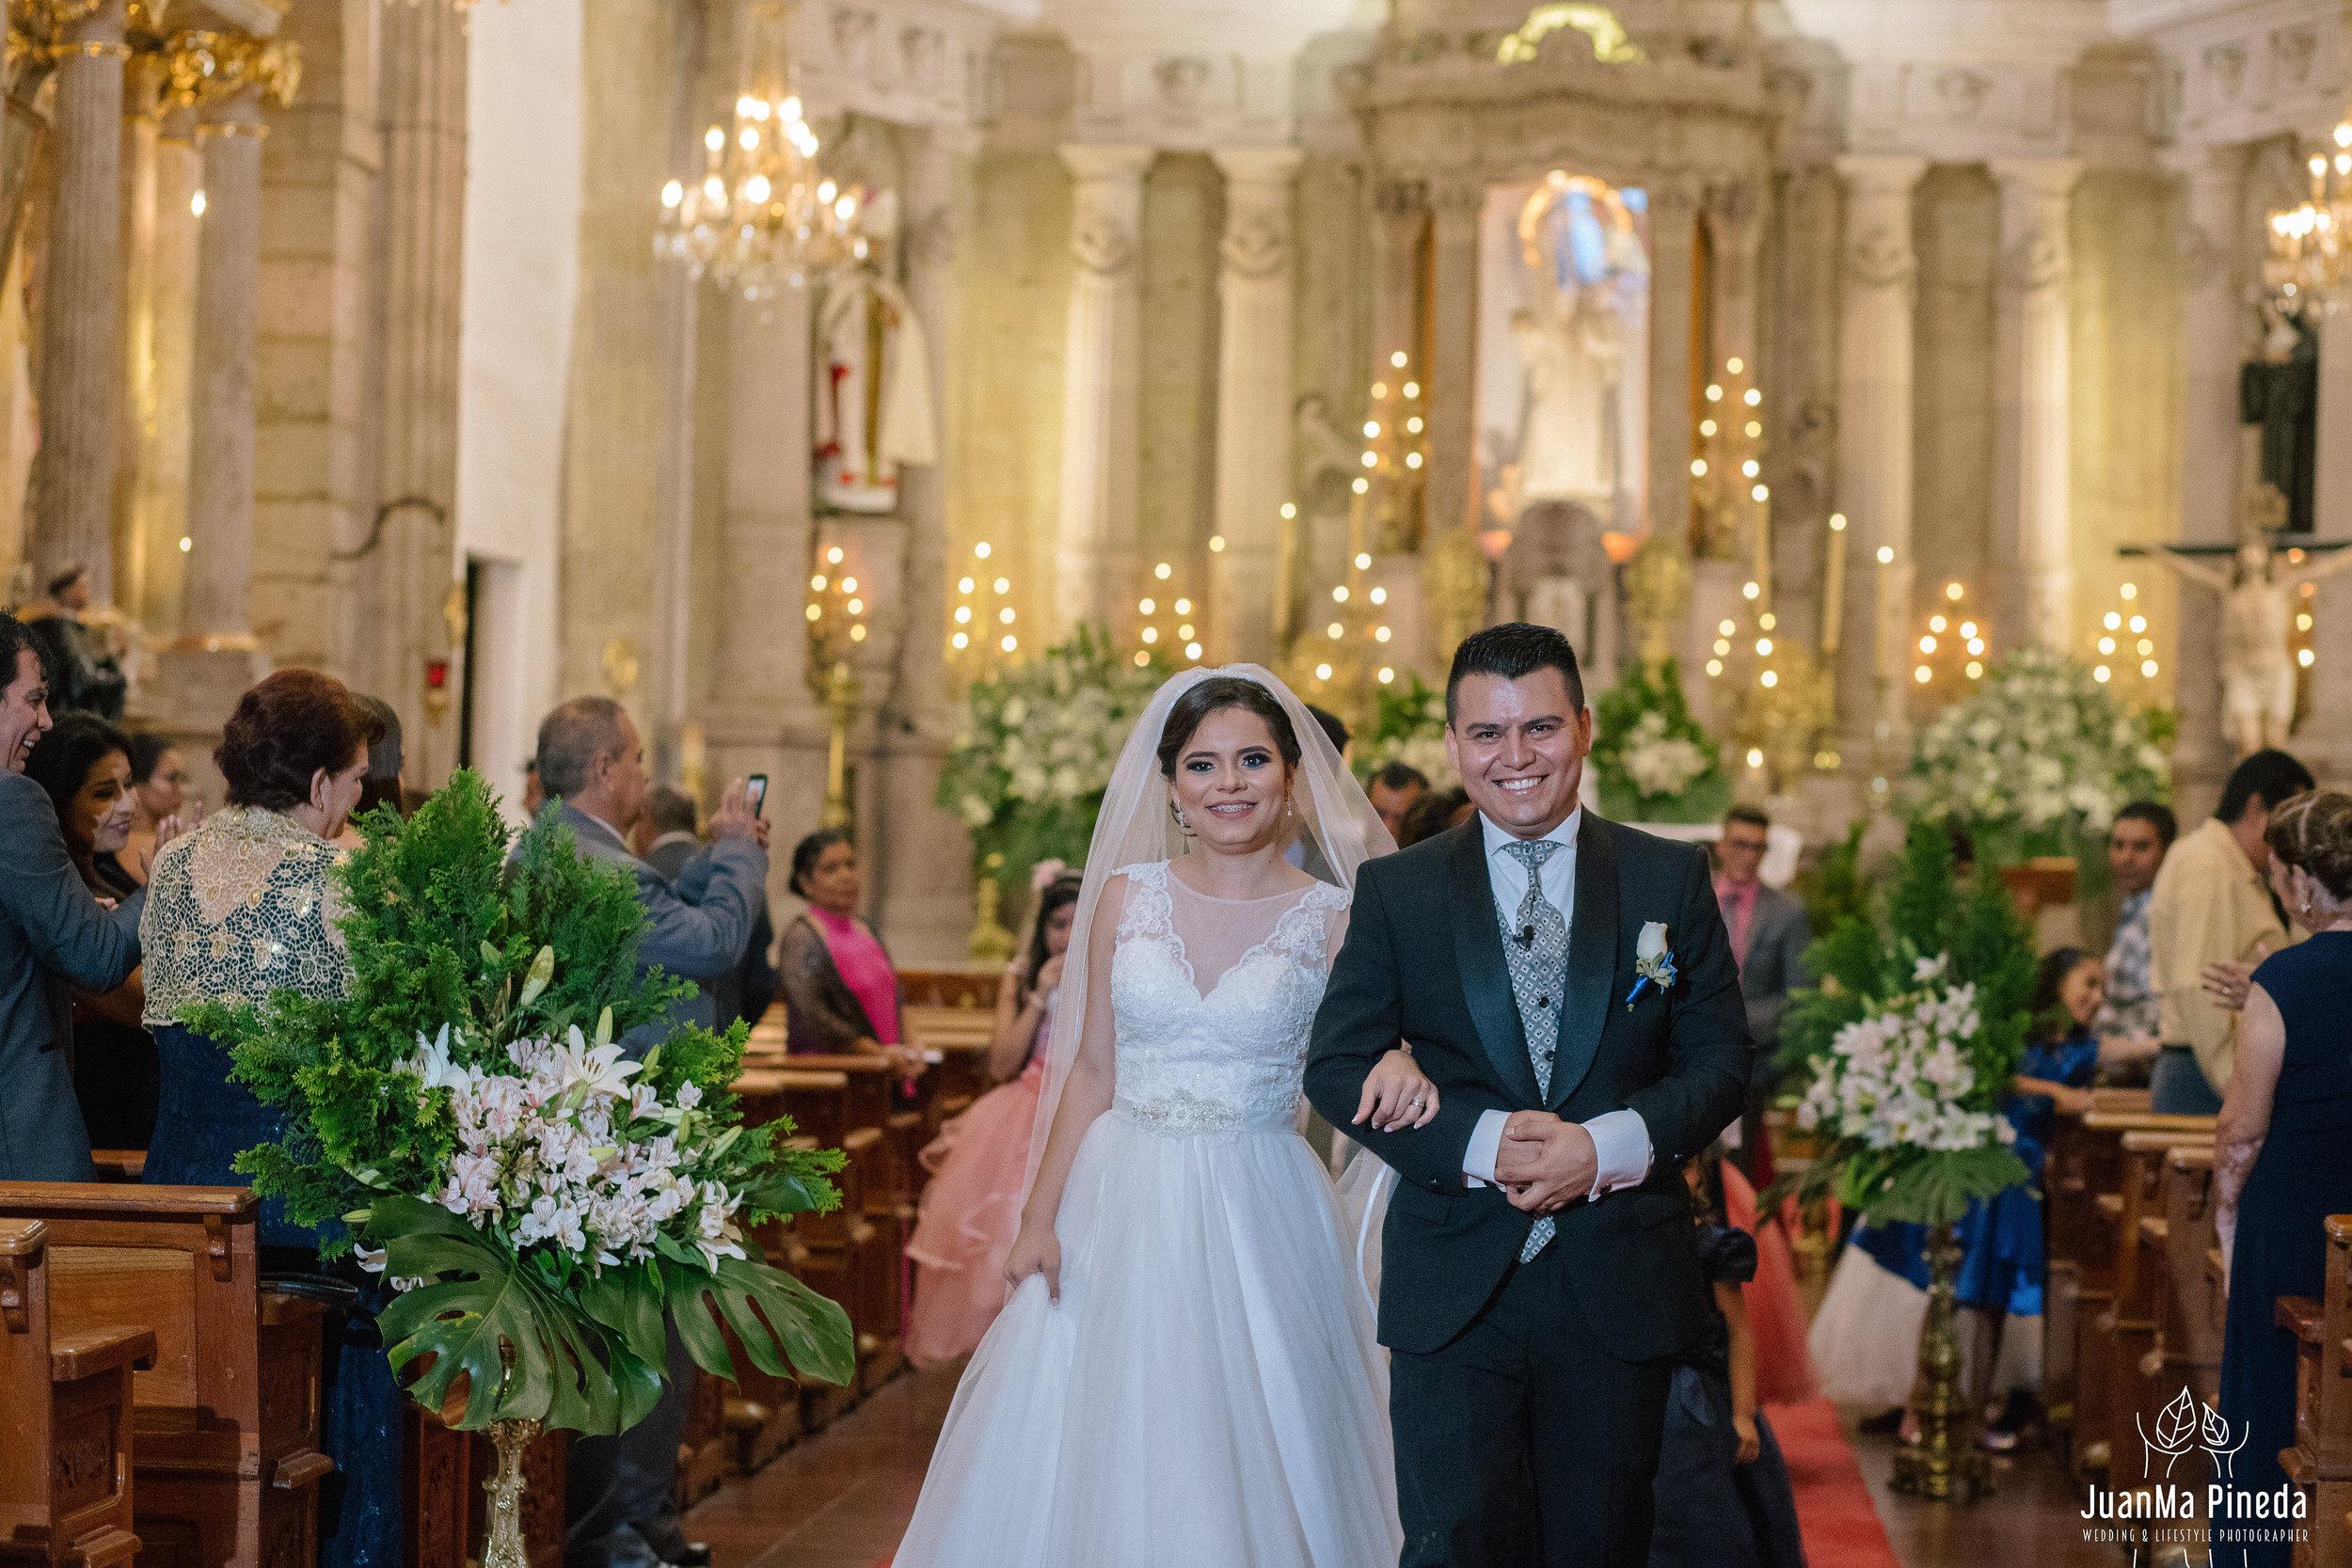 Ceremonia+Boda+Centro+Guadalajara-1-39.jpg